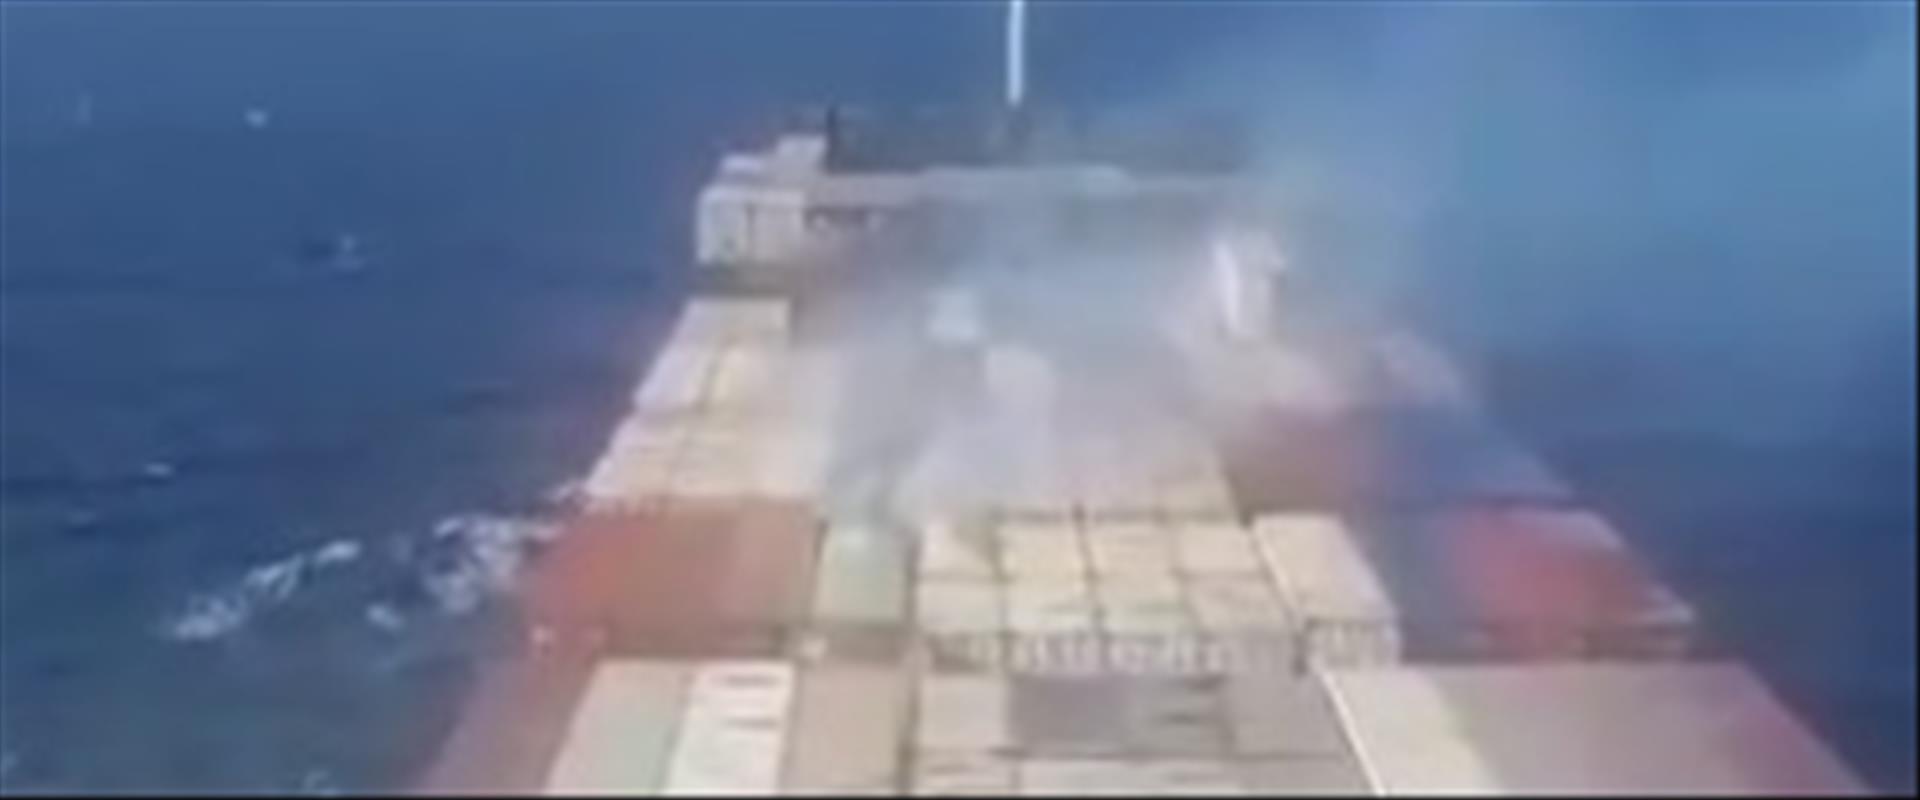 הספינה האיראנית, שלטענת האיראנים נפגעה בים התיכון